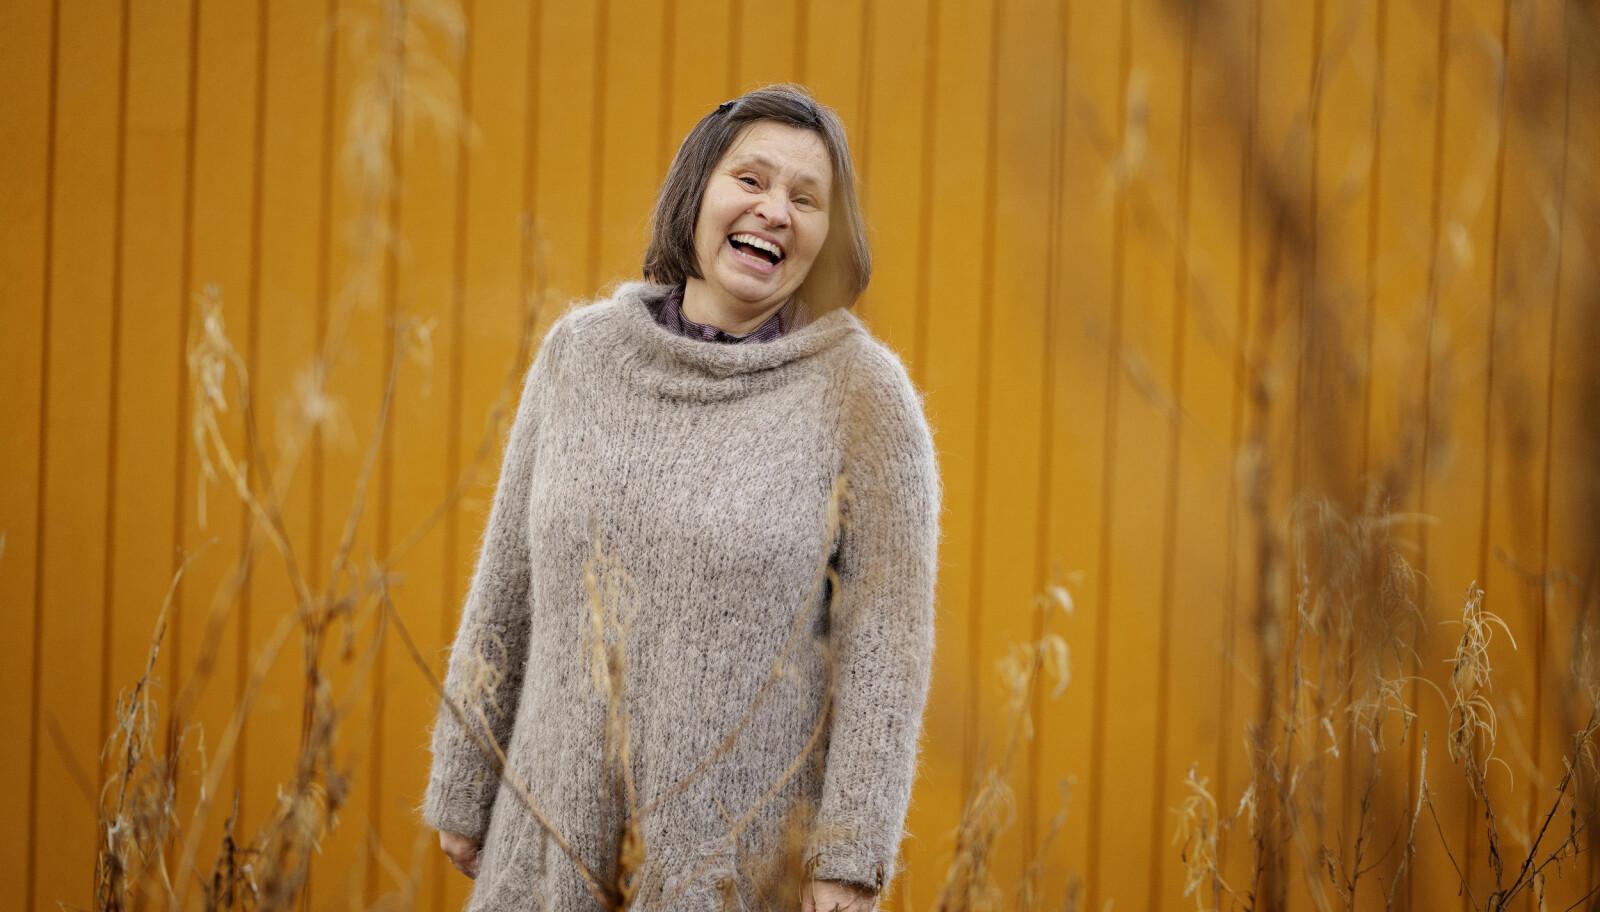 Leder for Filiorum Elin Reikerås likte selv godt å gå i barnehagen som liten. Nå vil hun bidra til at barn får det bedre i barnehagen gjennom sin barnehageforskning.